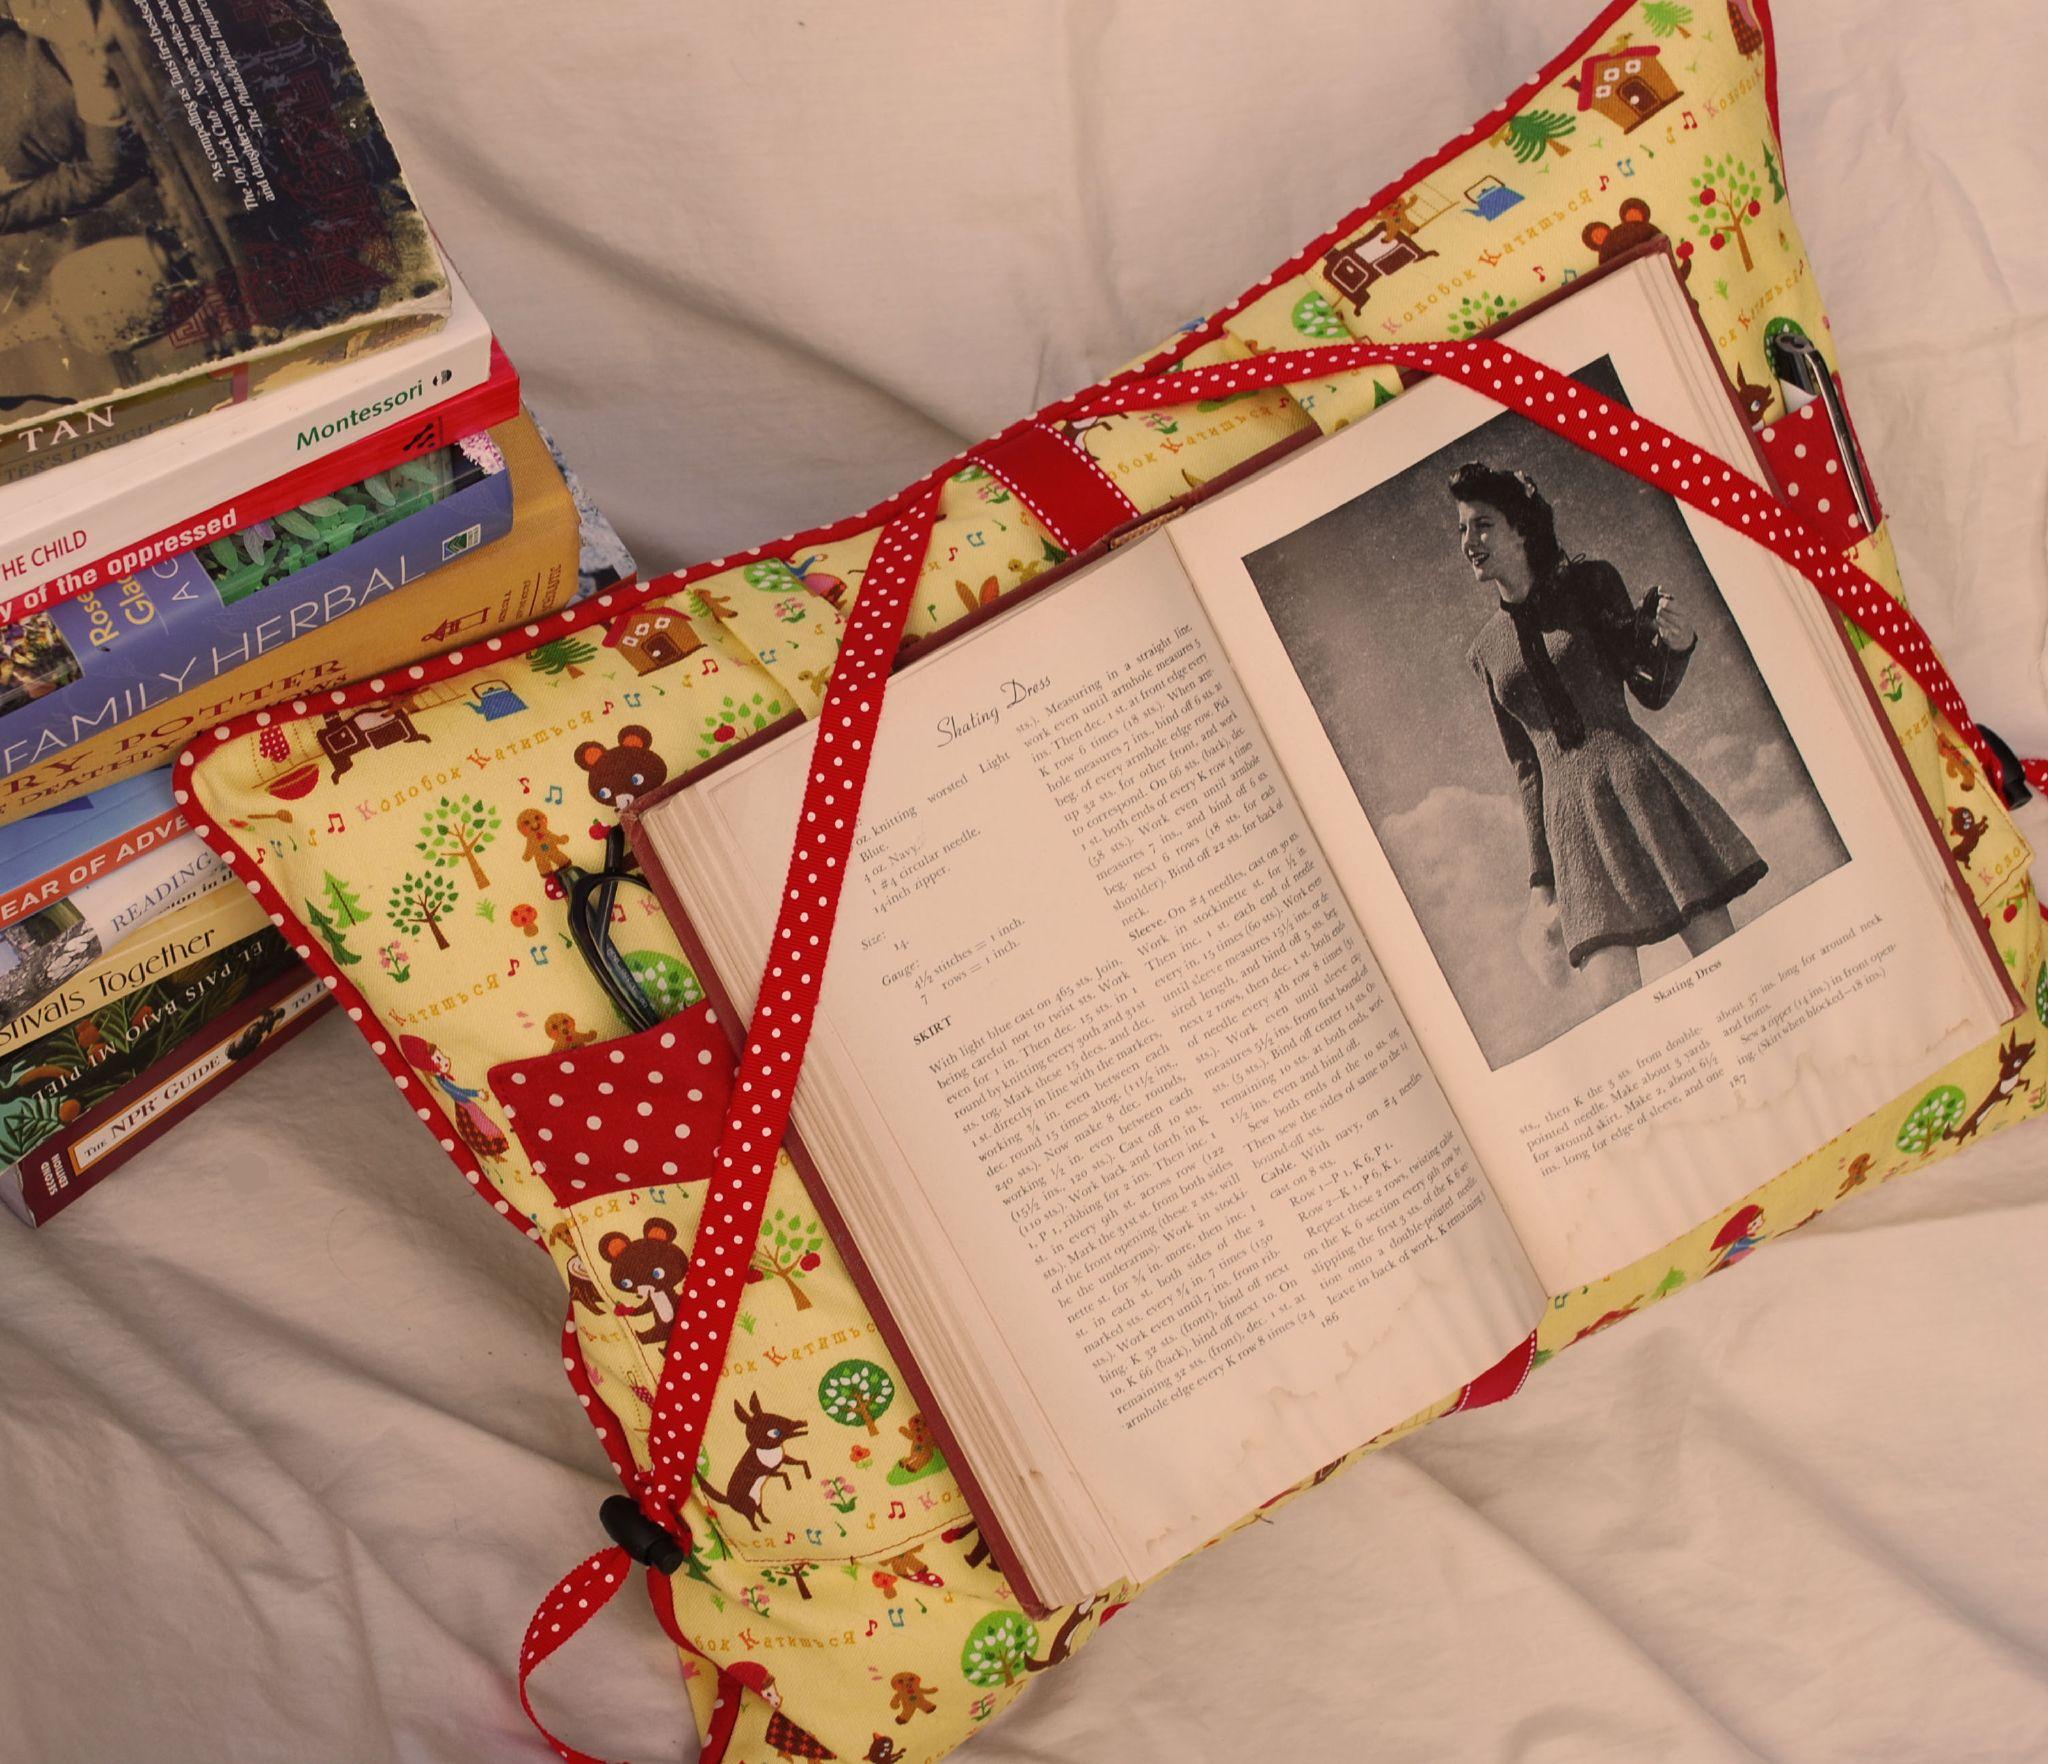 Hintergrundbilder : Lesen, Nähen, Muster, Bücher, Kissen, Stoff ...